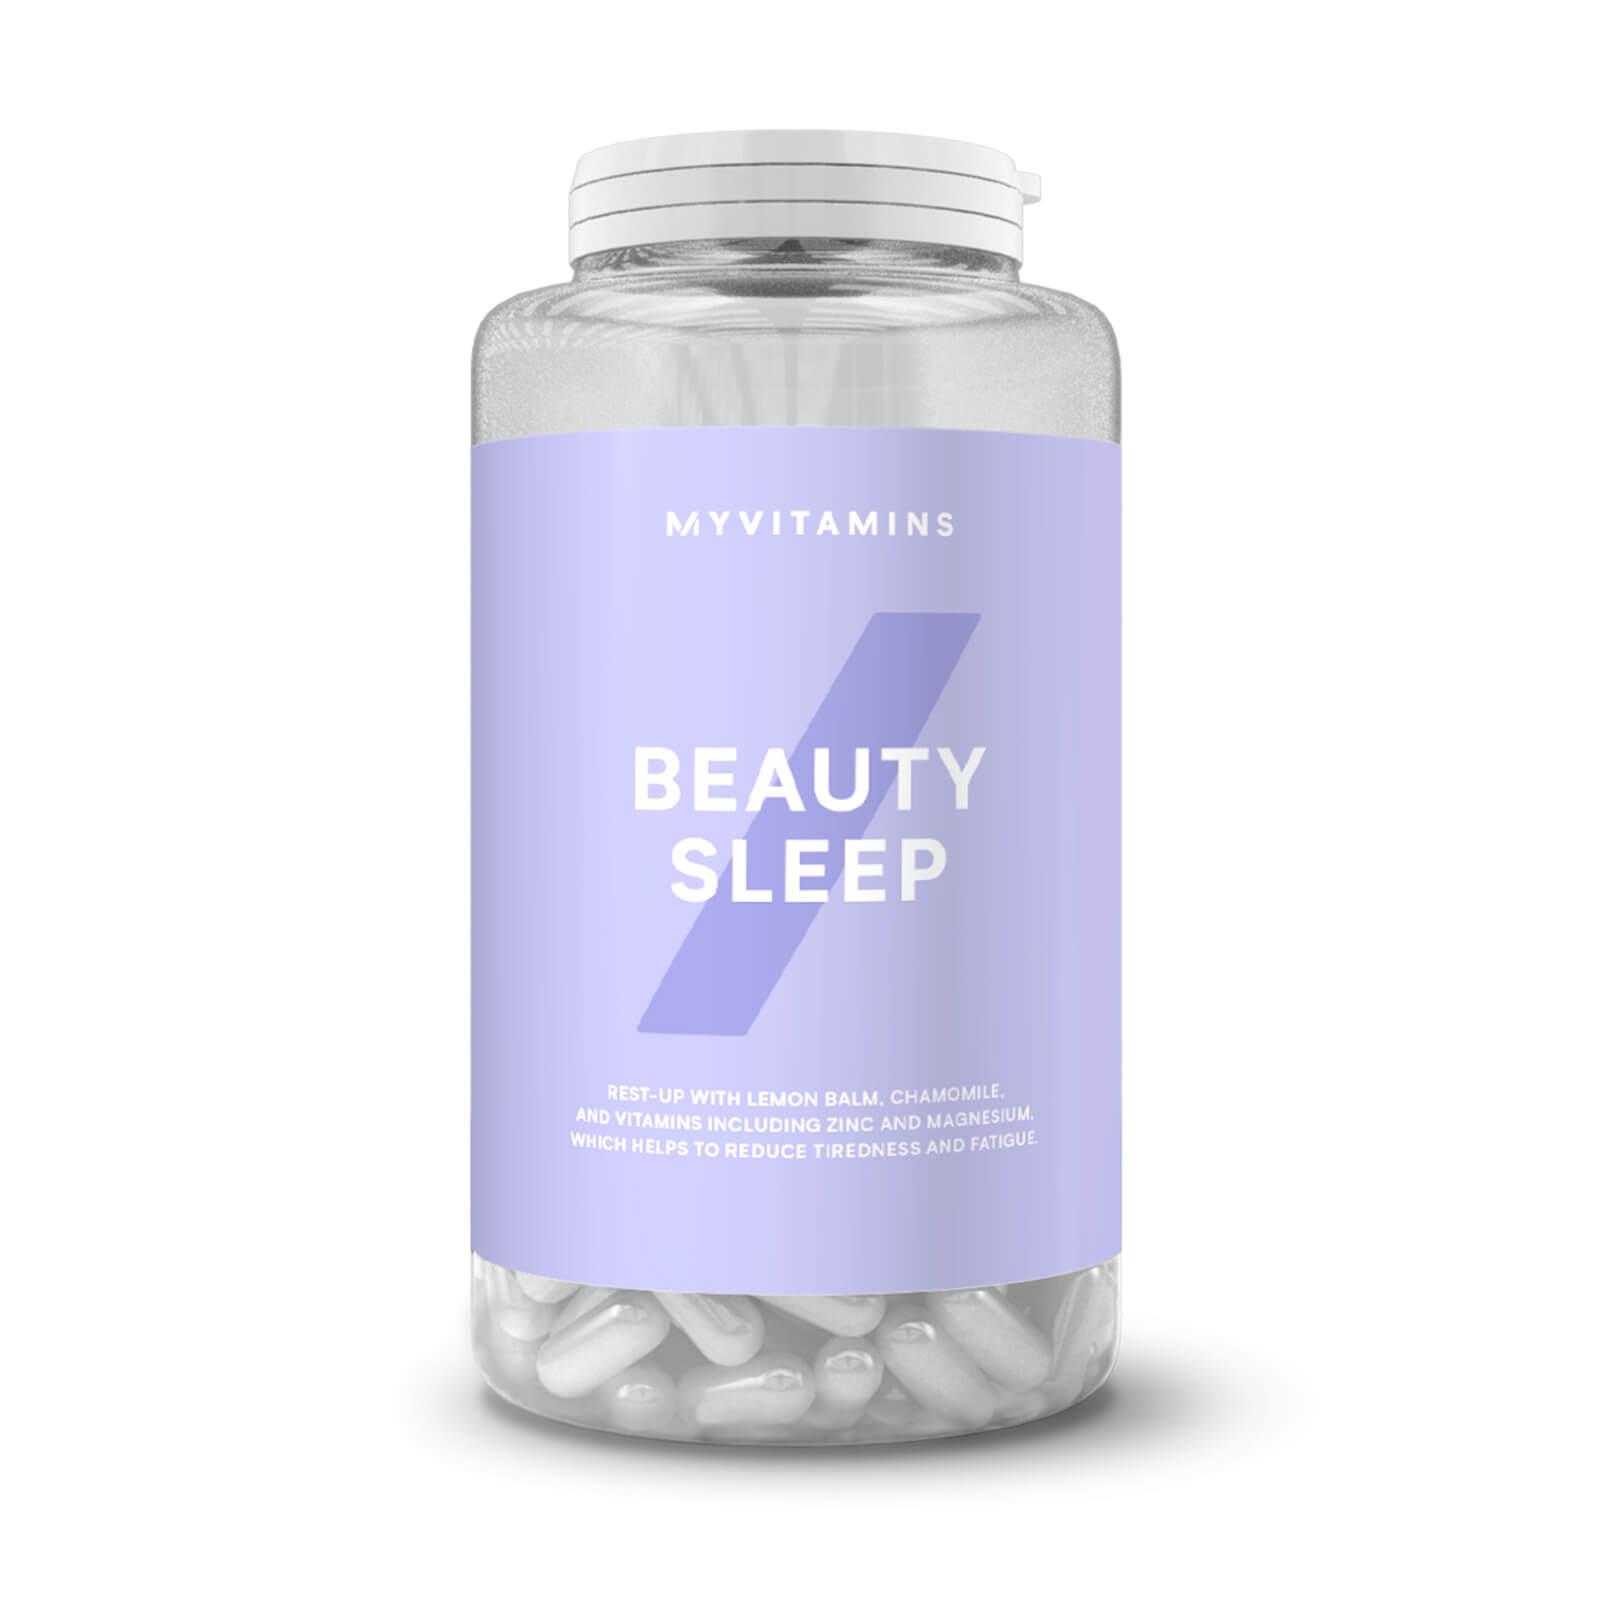 Myvitamins Beauty Sleep